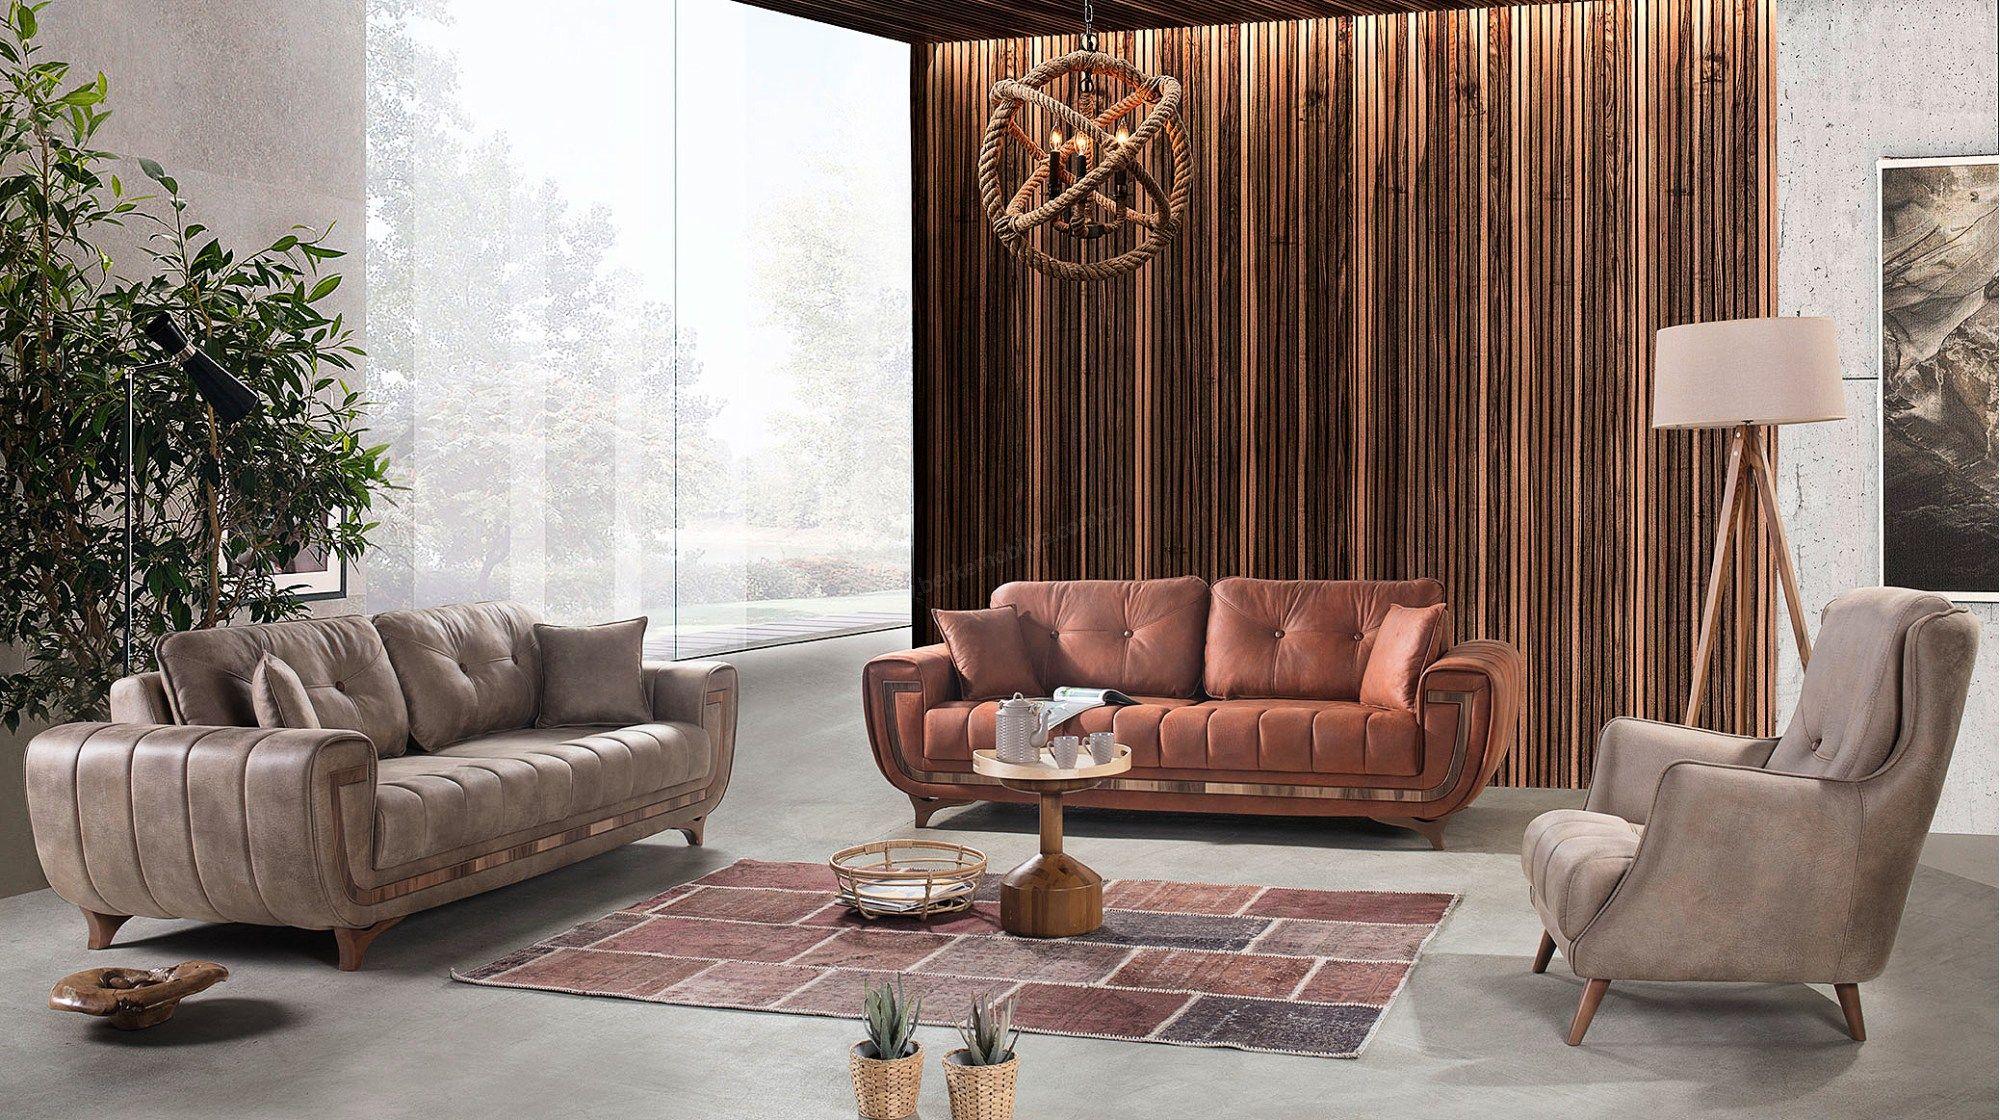 Koltuk Takimlari Sancak Relax Koltuk Takimi 1 Modern Koltuk Takimlari Rapsodi Yatakodasitakimlari Yemekodasitakimlari Koltukt Home Decor Decor Home